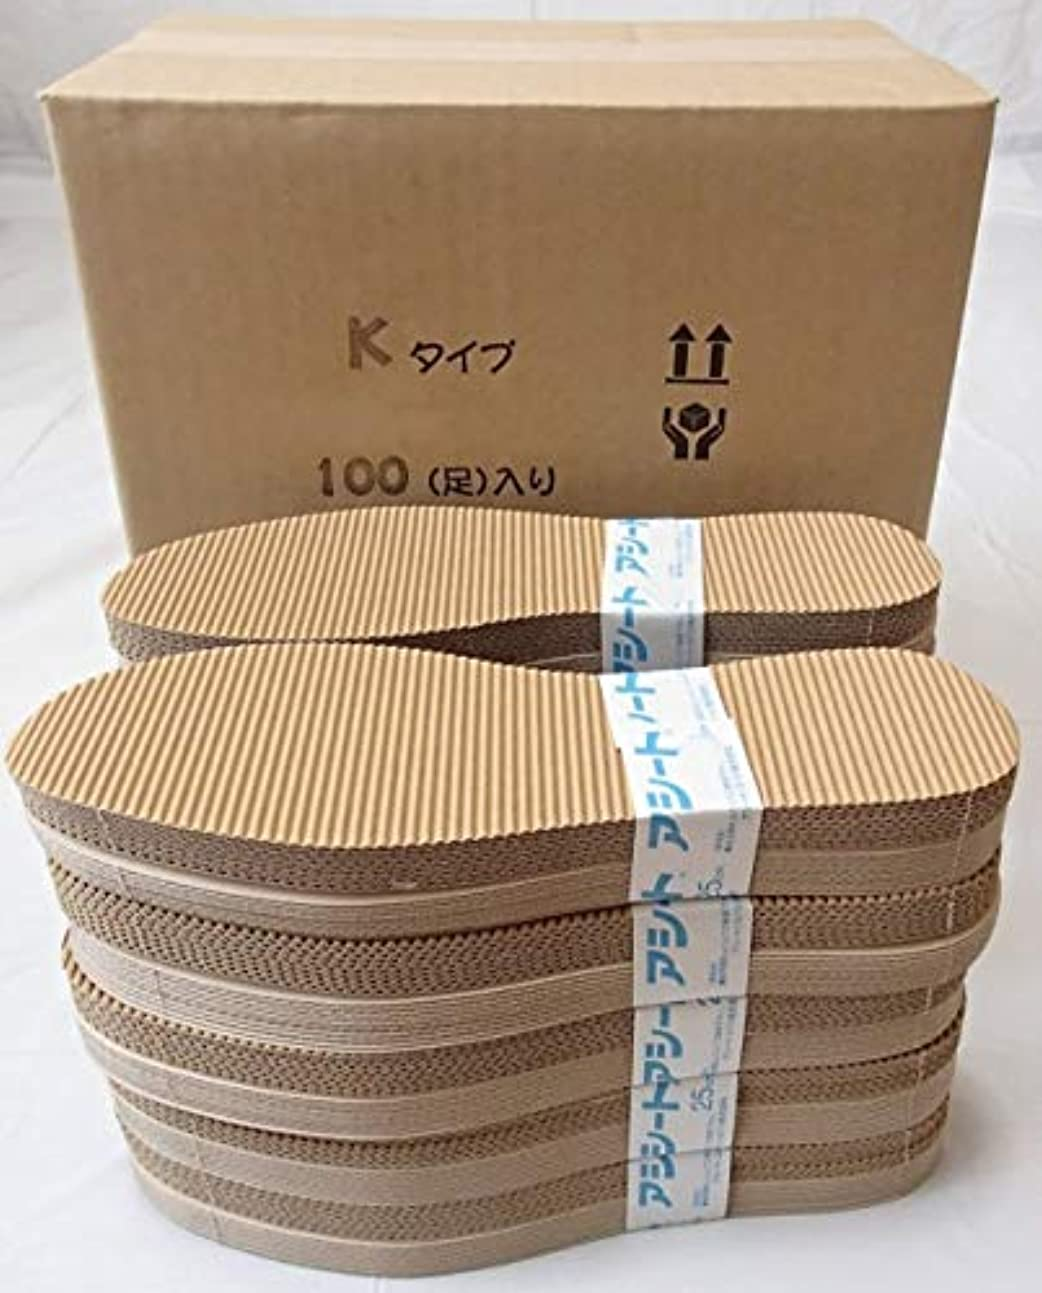 ローマ人マーガレットミッチェルゾーンアシートKタイプお得用パック100足入り (25.5~26.0cm)